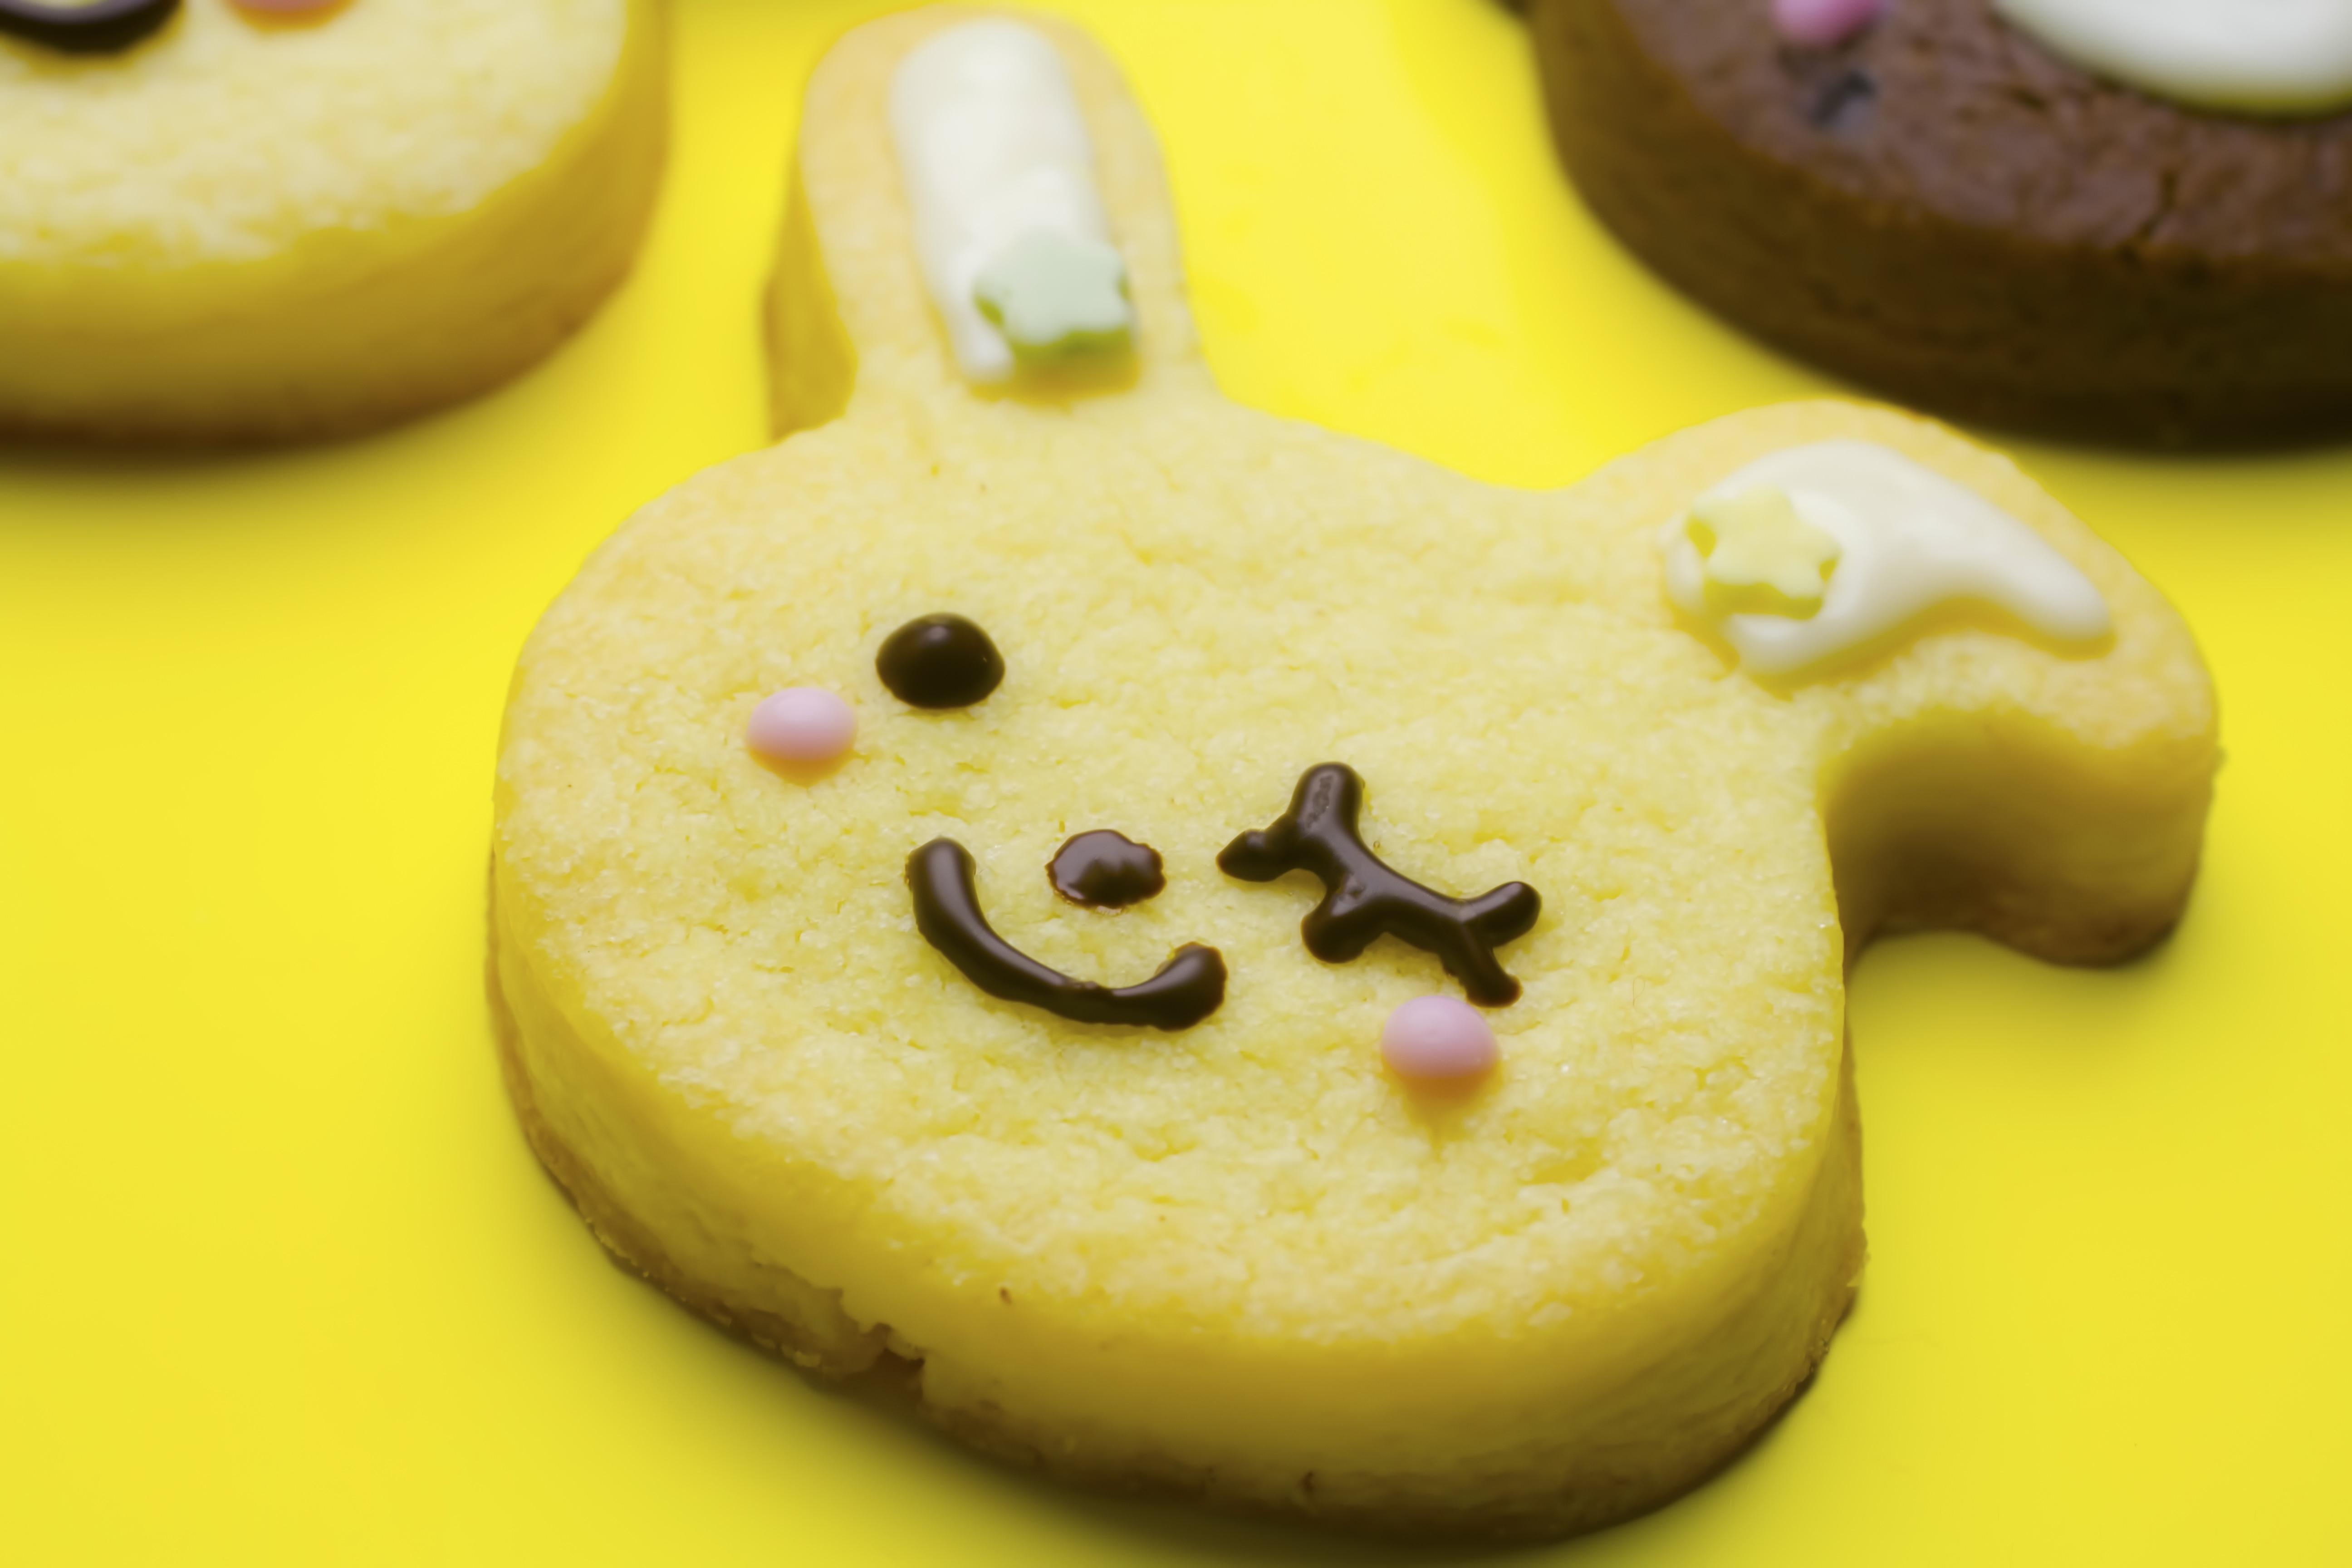 会社の人へのバレンタイン義理チョコを渡す際の相場と渡し方について